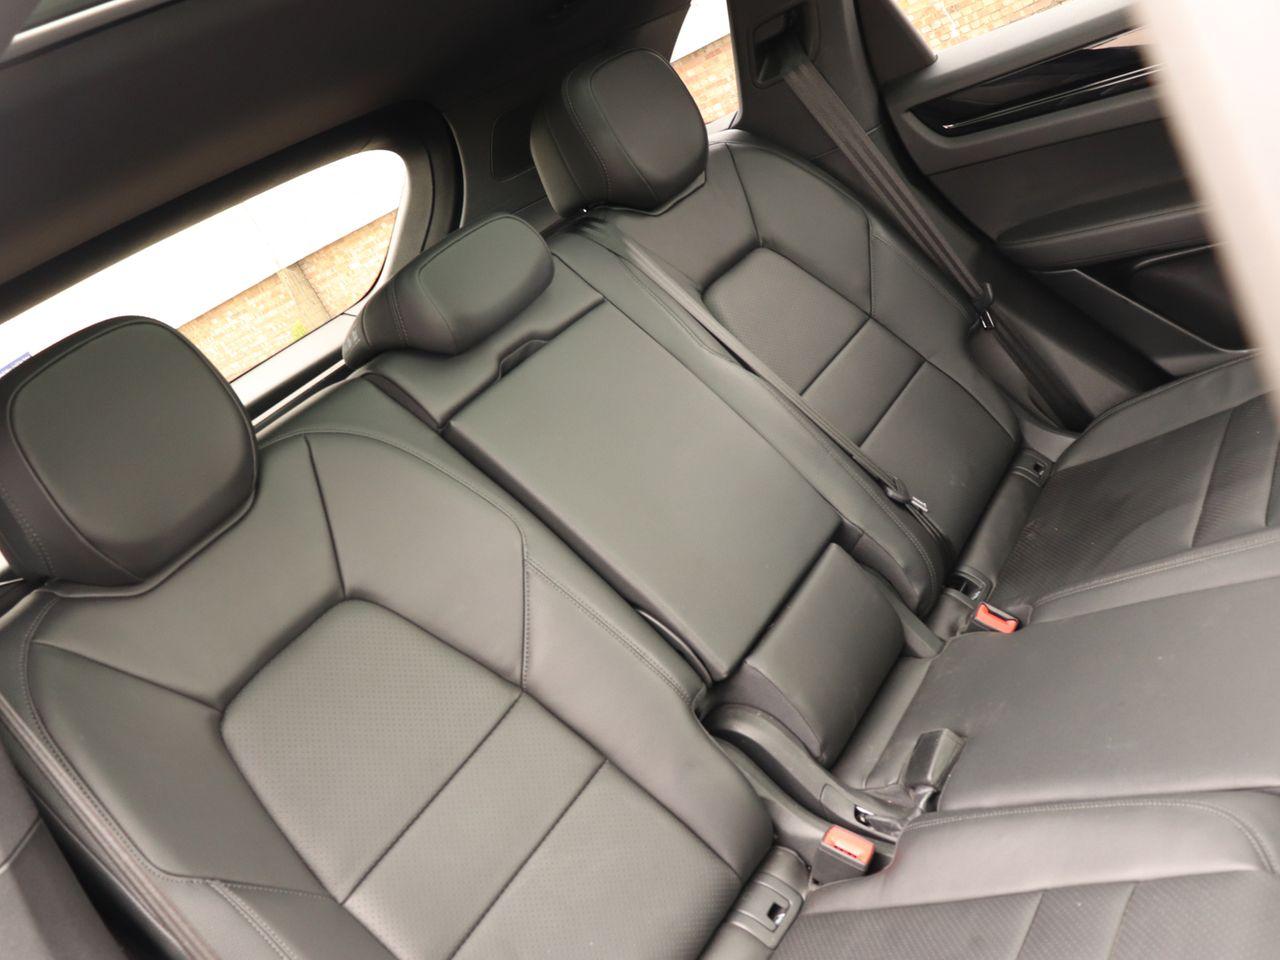 Cayenne V6 S TIPTRONIC (21) image 12